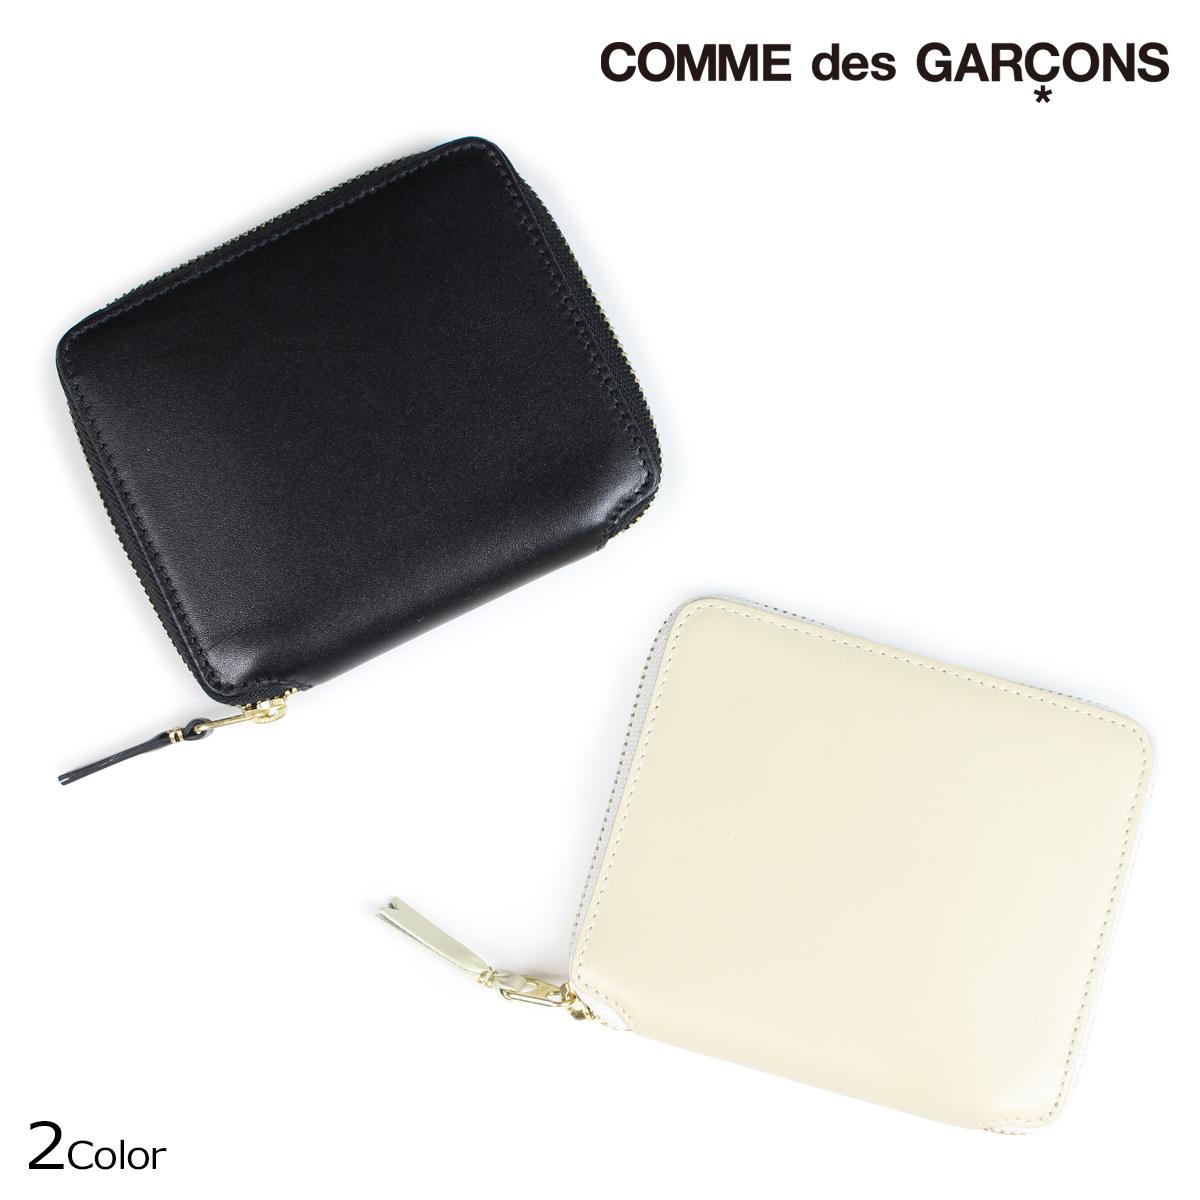 COMME des GARCONS SA2100 コムデギャルソン 財布 二つ折り メンズ レディース ラウンドファスナー ブラック オフ ホワイト 黒 白 [10/10 再入荷]